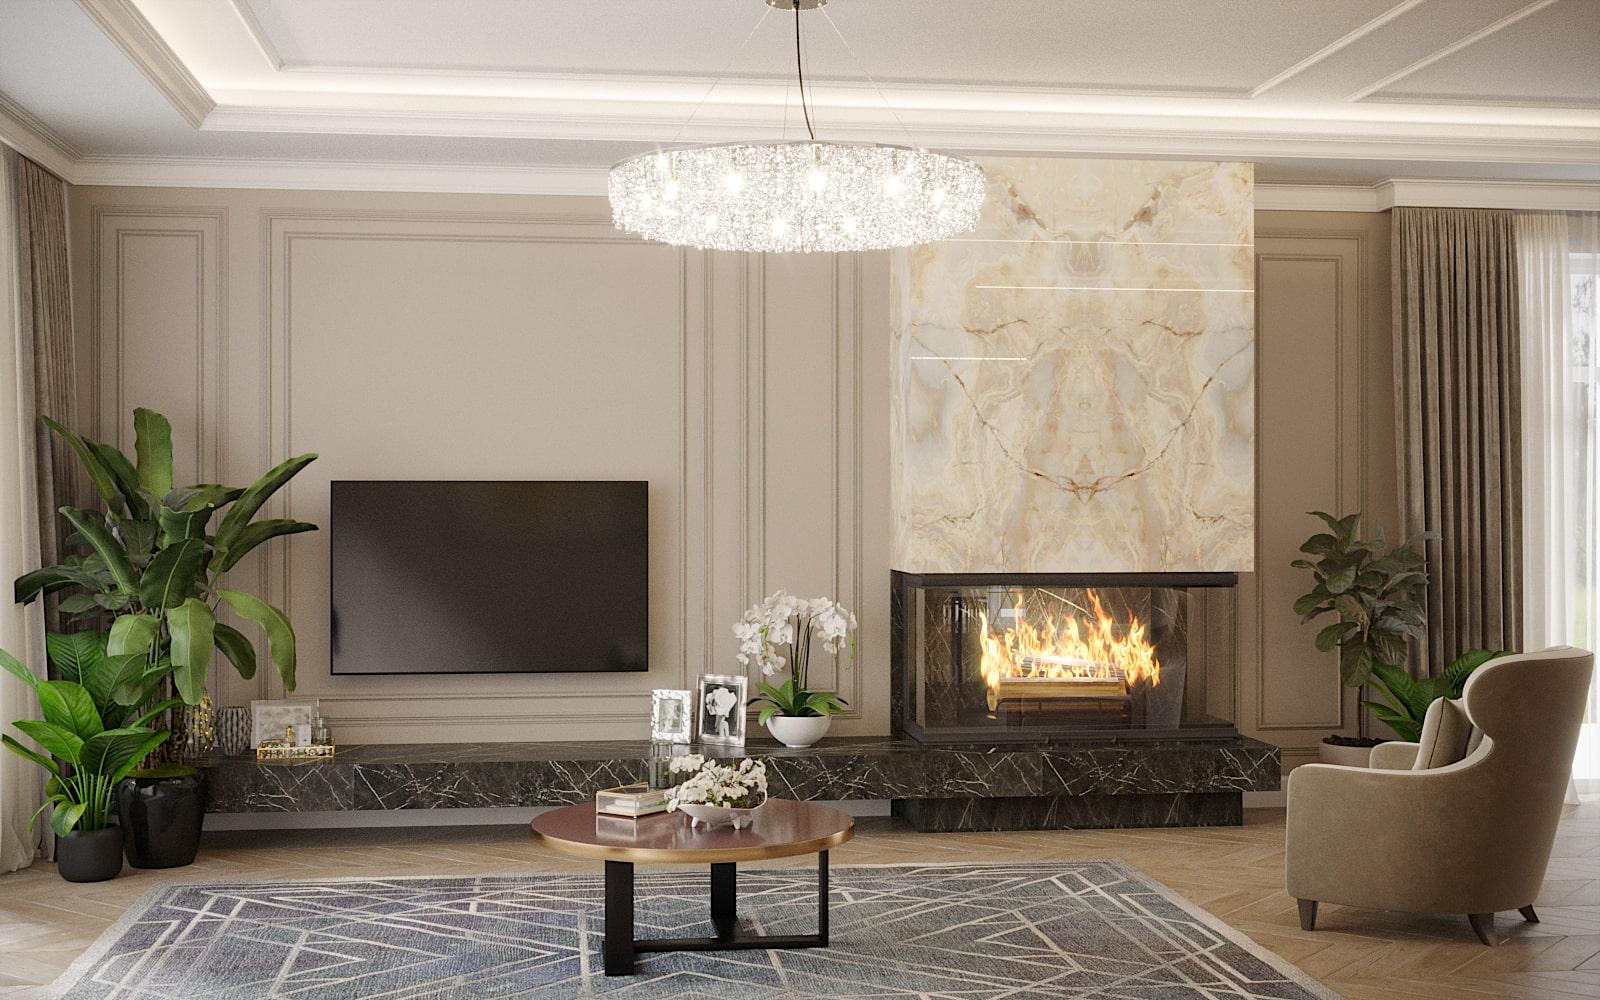 Дизайн дома в Черкассах. Студия дизайна интерьера и проектирования Davydovsky Architecture&Design.